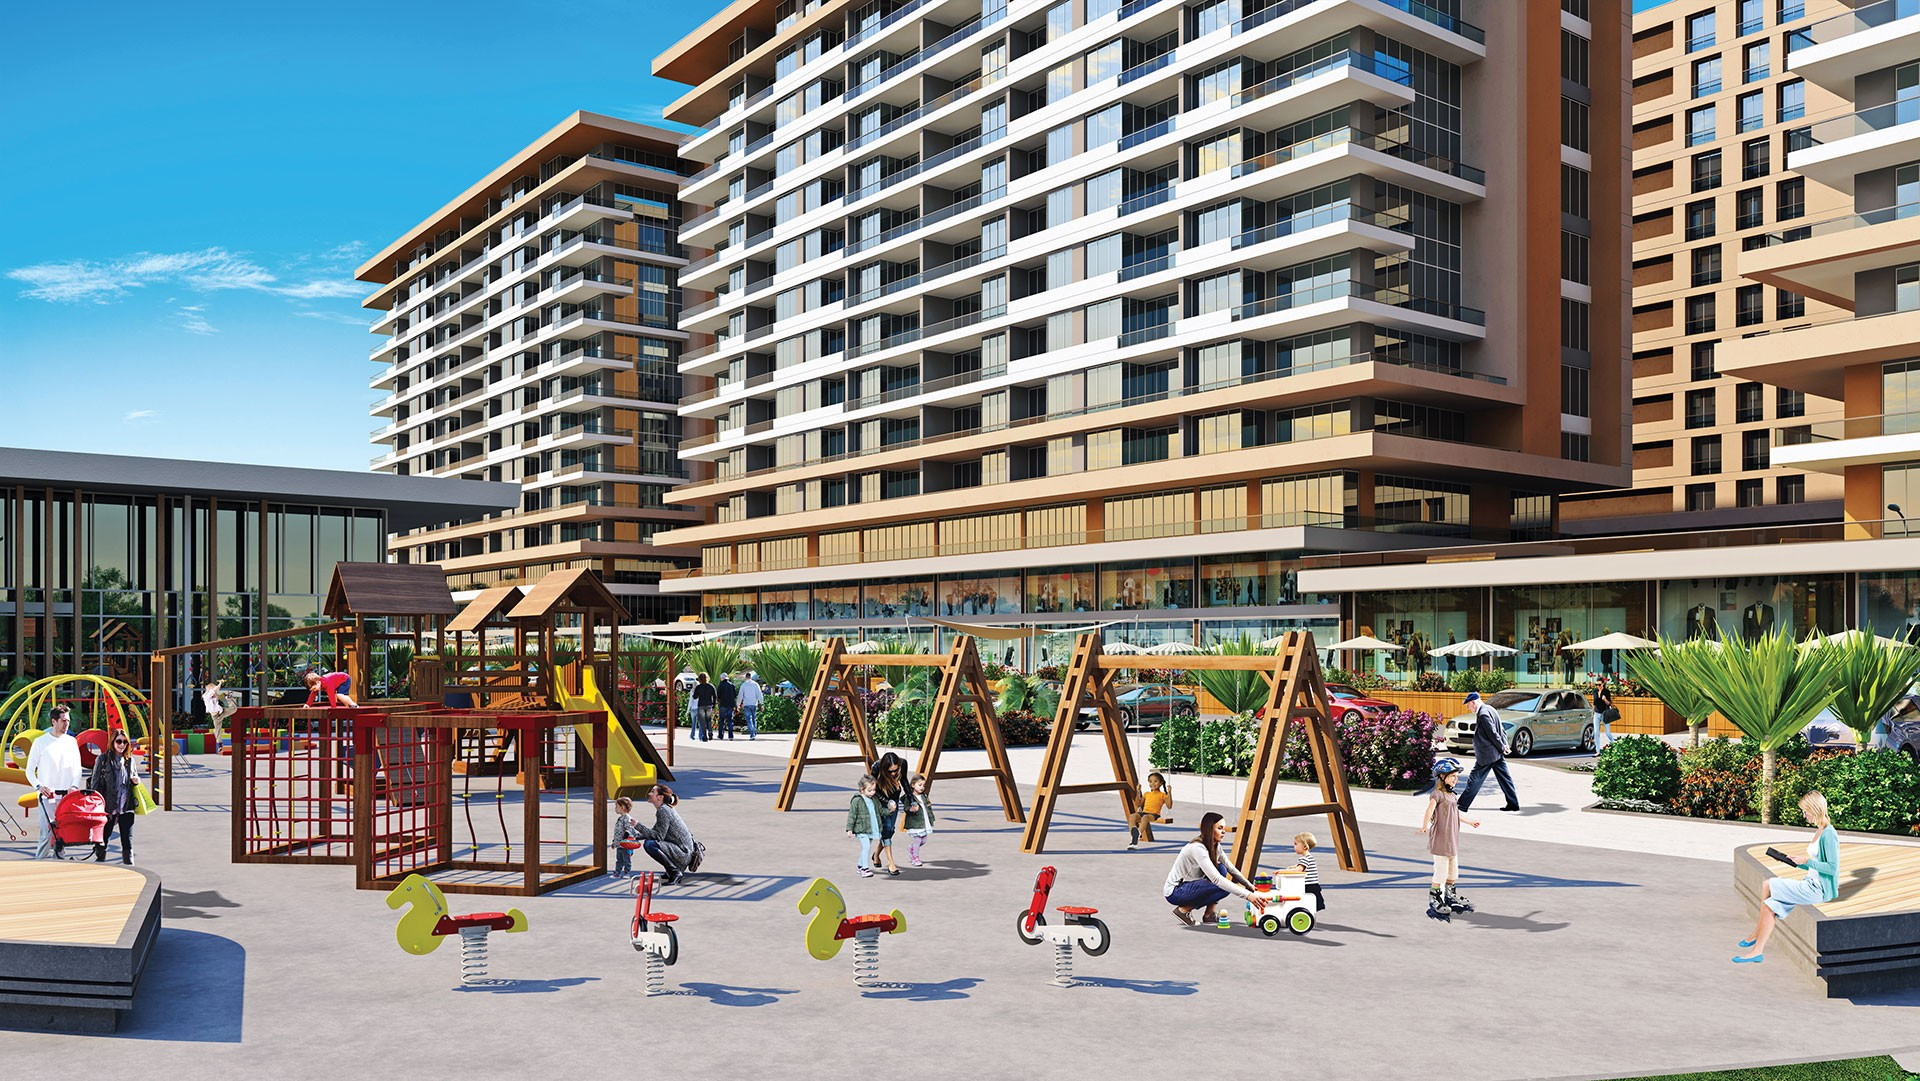 تركيا اسطنبول بيليك دوزو شقق سكنية للبيع في اسطنبول hr-119